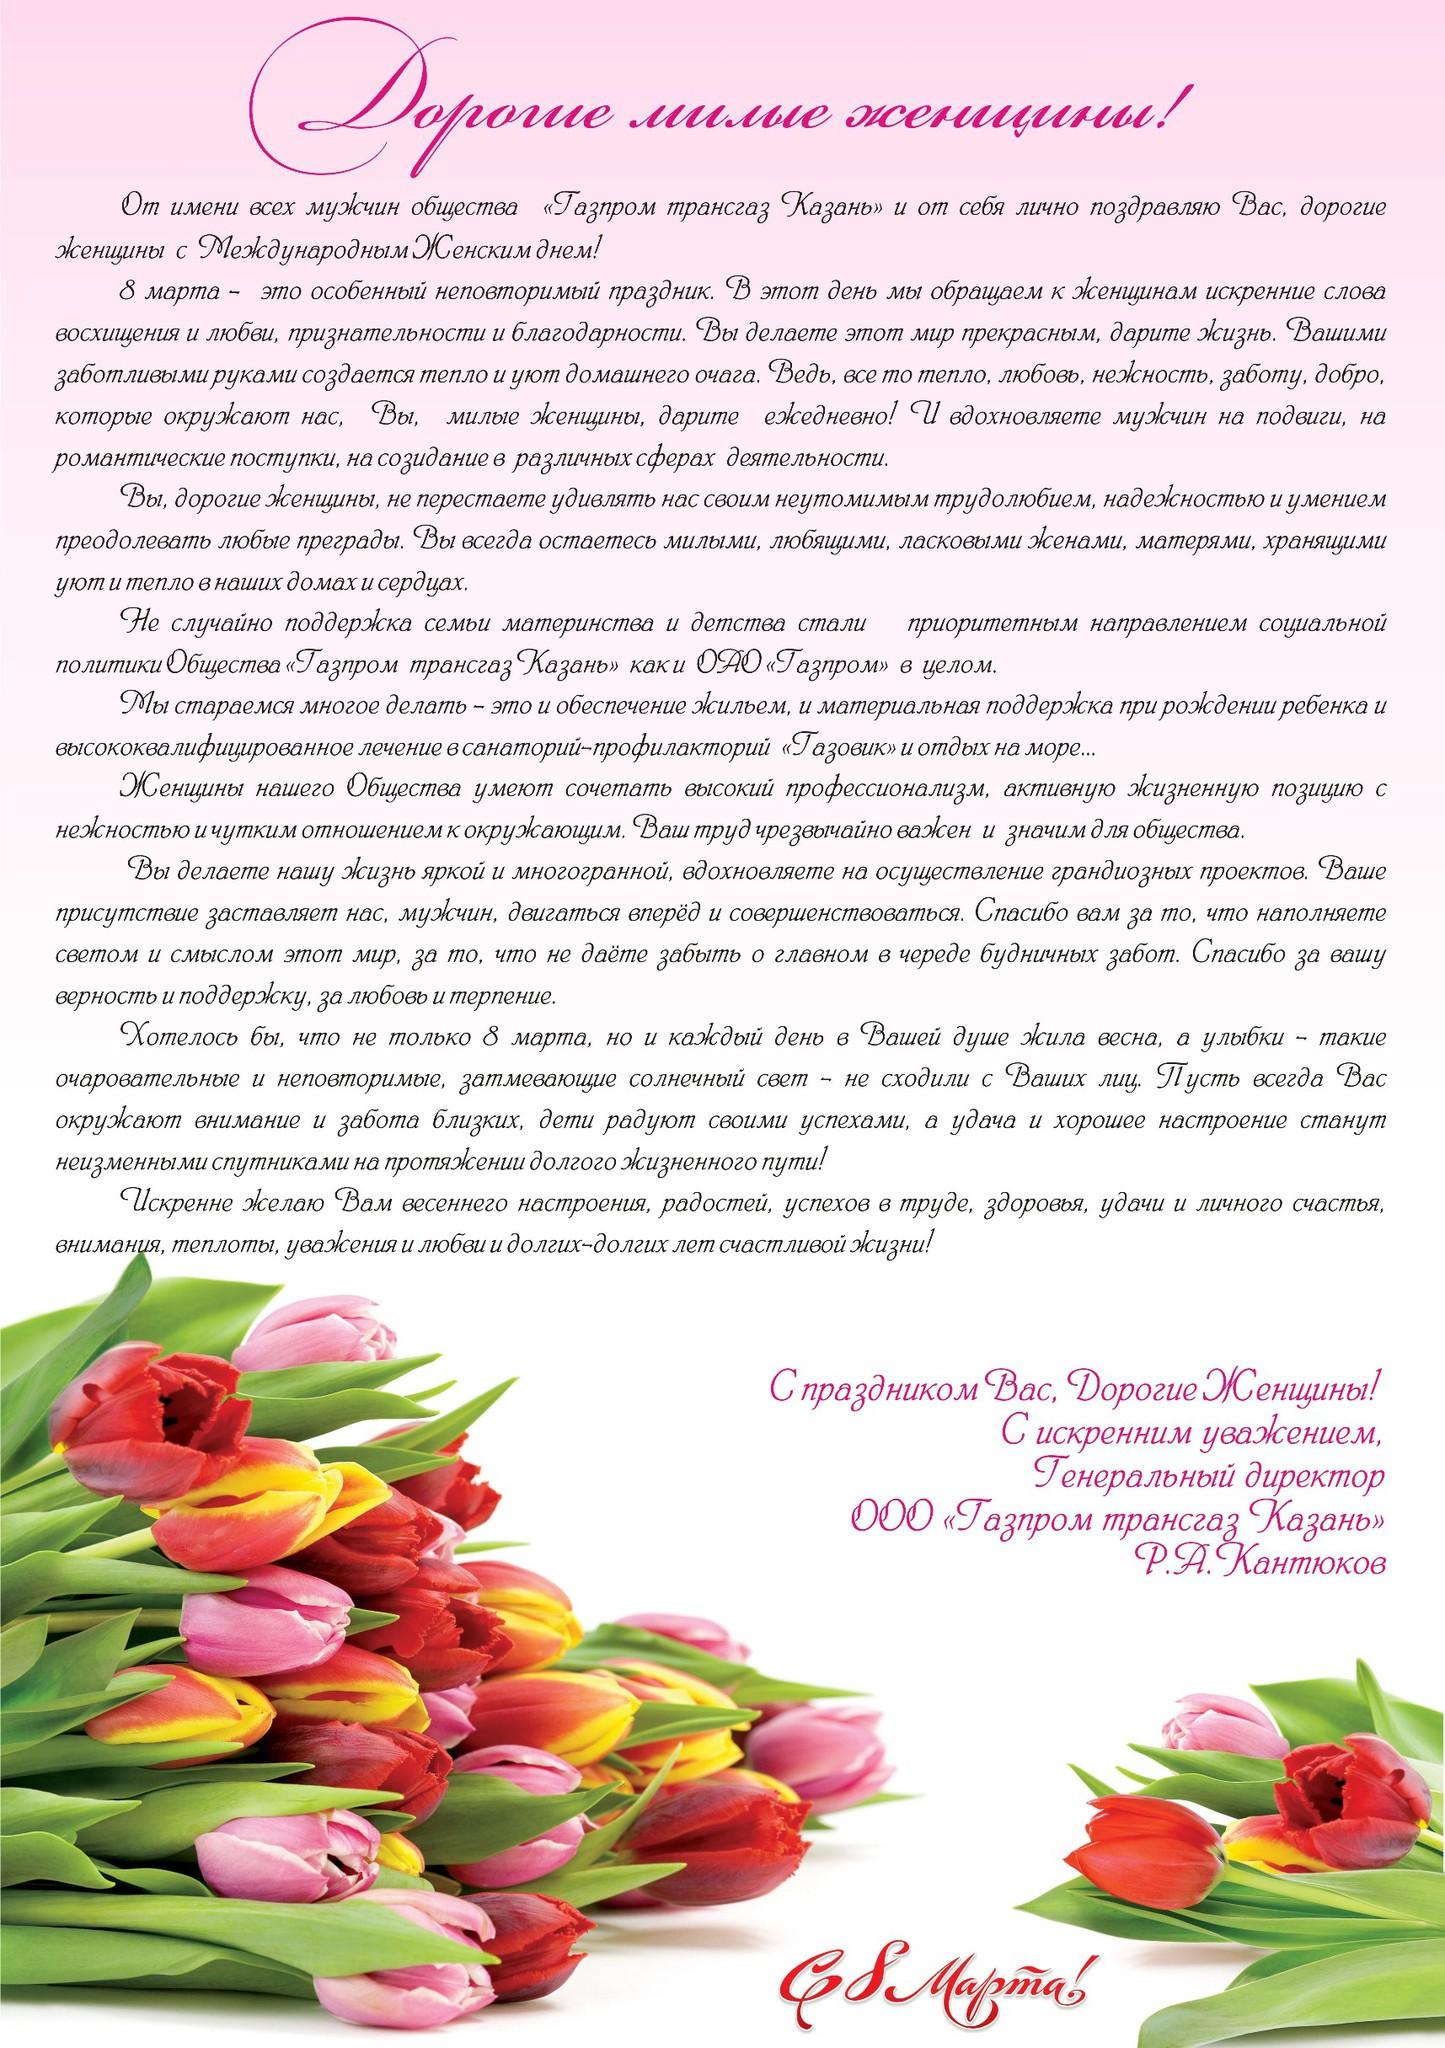 8 марта стихи голосовые поздравления по именам